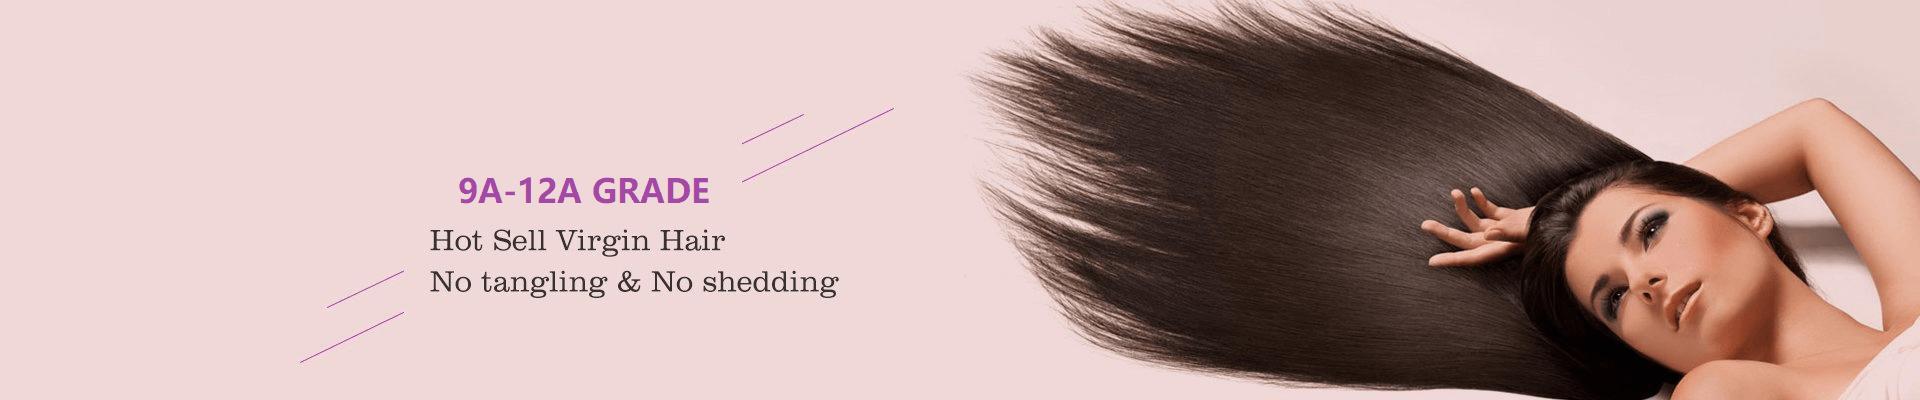 wholesale-virgin-hair